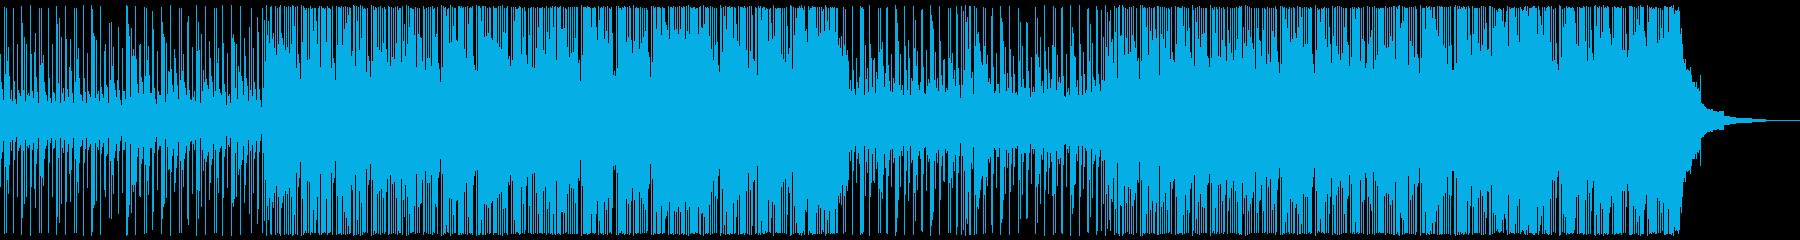 楽しいインディーポップの再生済みの波形